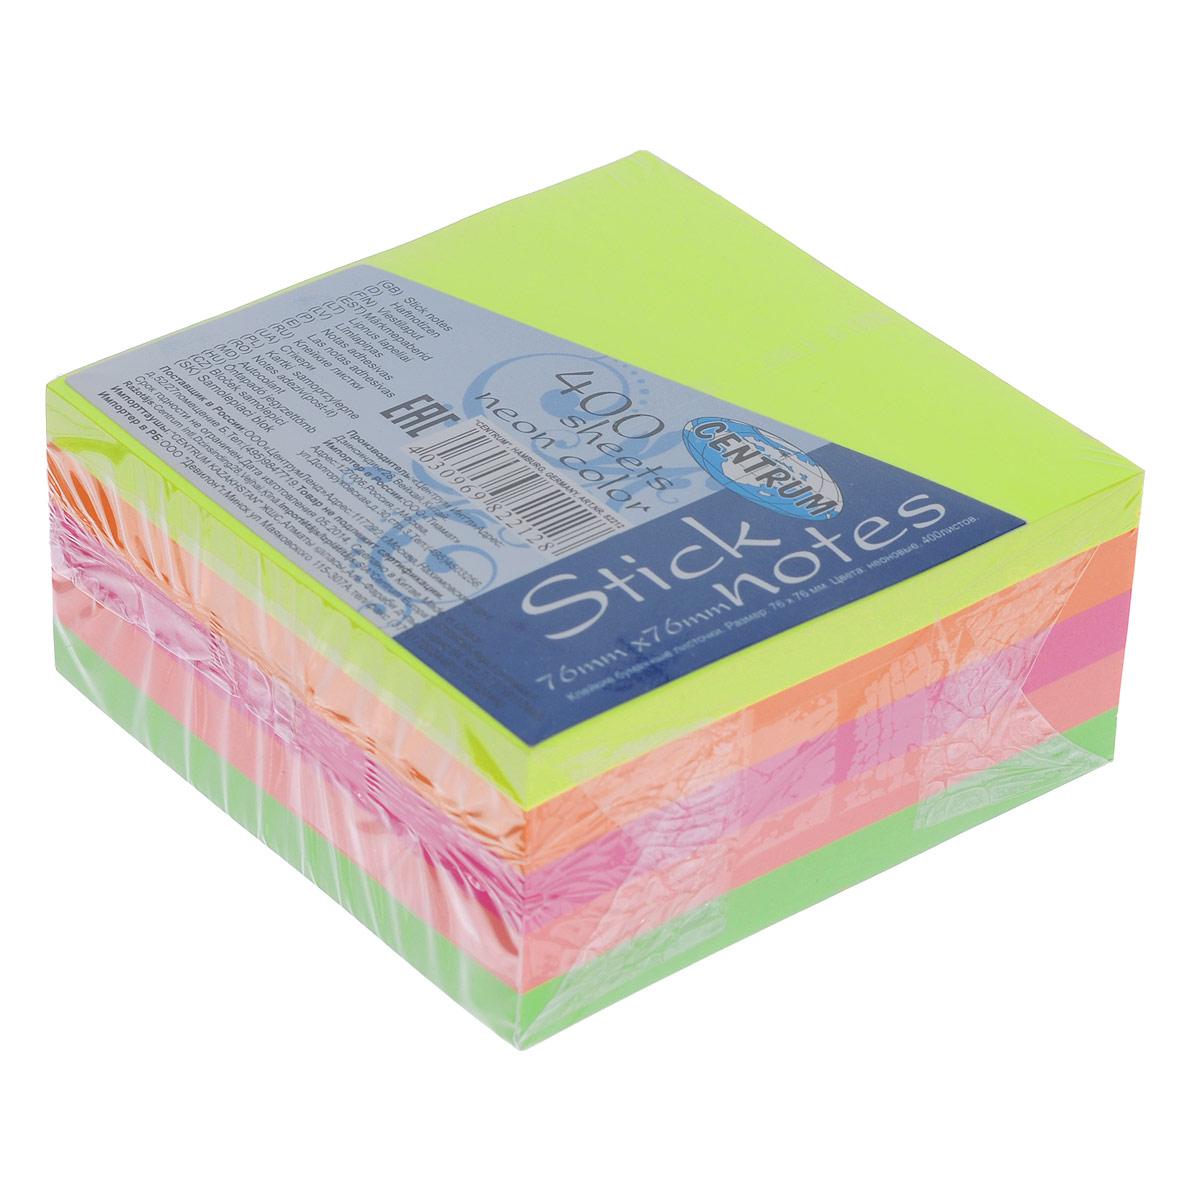 Блок для записей Centrum, с липким слоем, 7,6 см х 7,6 см683-4Цветная бумага из блока Centrum идеально подойдет для важных пометок и записей. Яркие неоновые оттенки и высокое качество выделяют предлагаемую бумагу из ряда подобных. Блок состоит из 400 квадратных листочков с липким слоем оранжевого, салатового, желтого, розового и ярко-розового цветов (по 80 листочков каждого цвета).